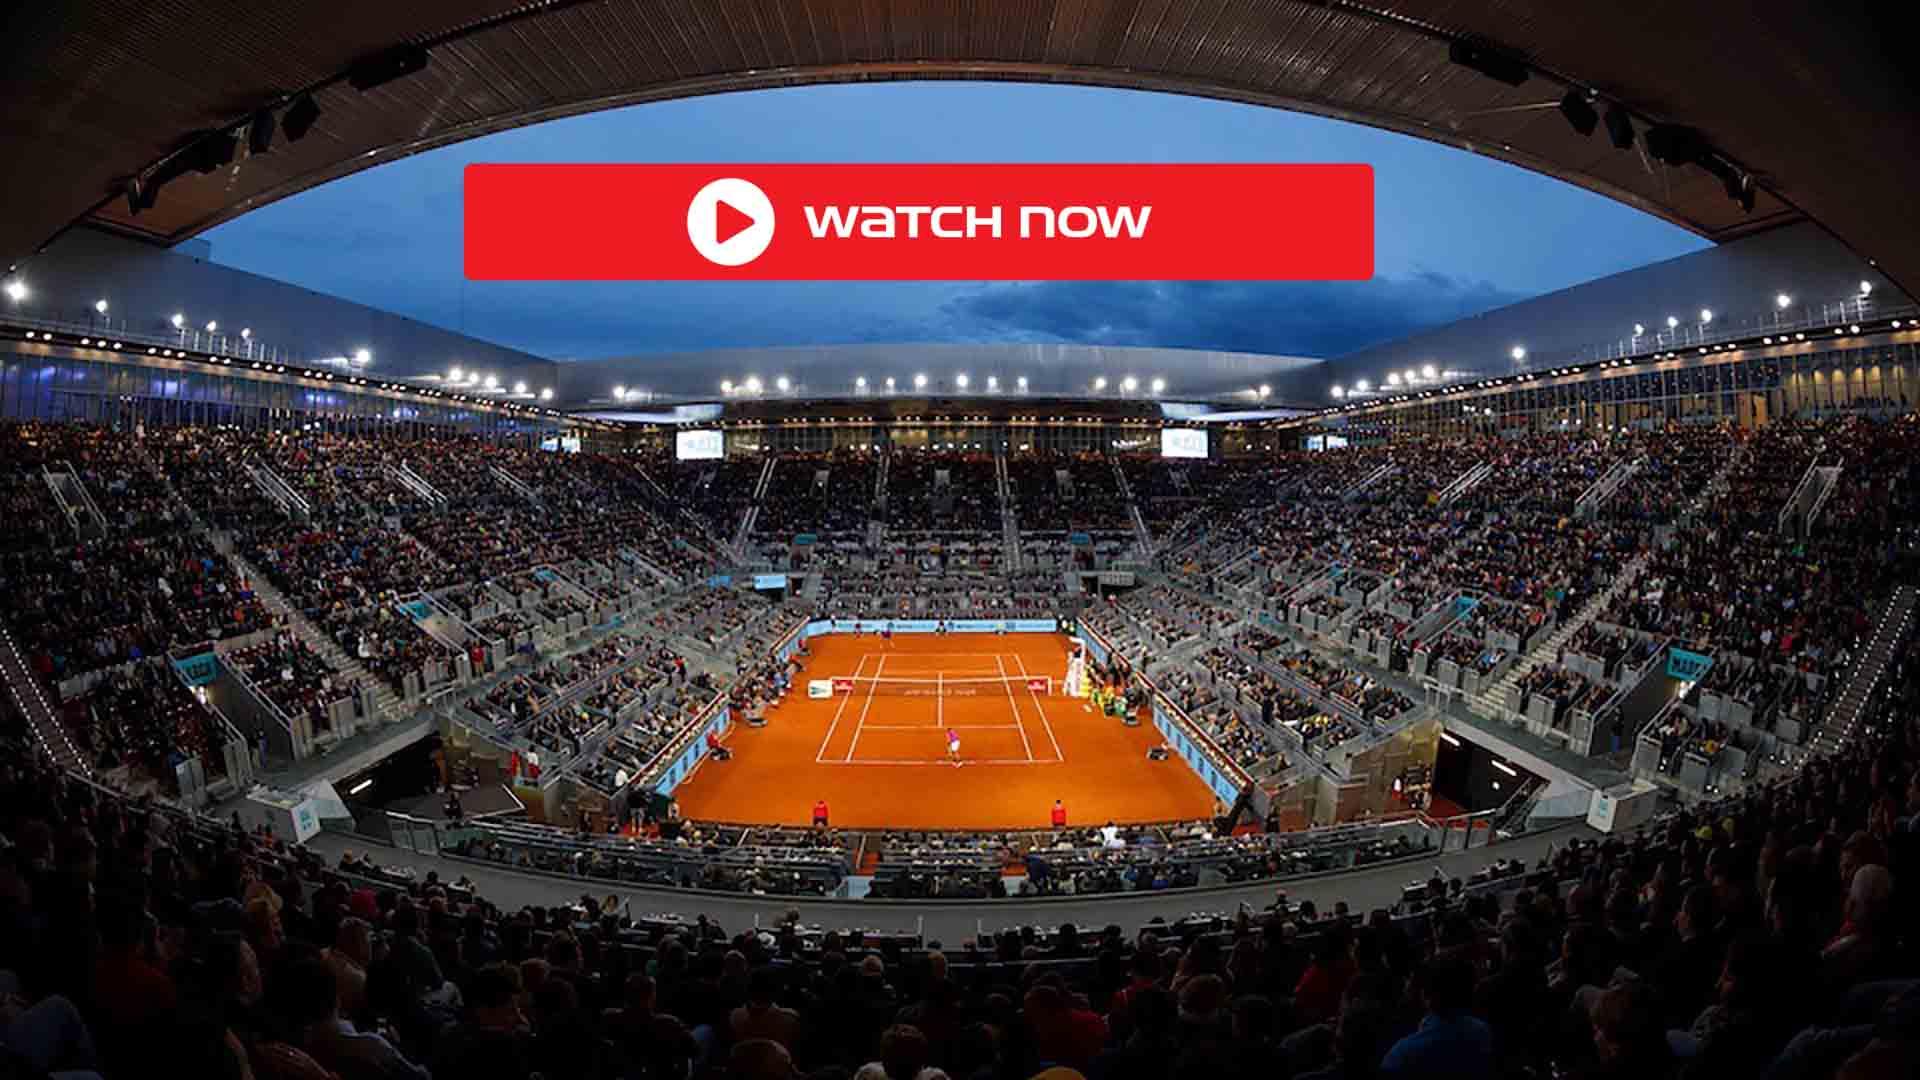 [LIVE] Madrid Open 2021: Live-Übertragung, Tennis-TV-Berichterstattung, Zeitplan und Geldpreise